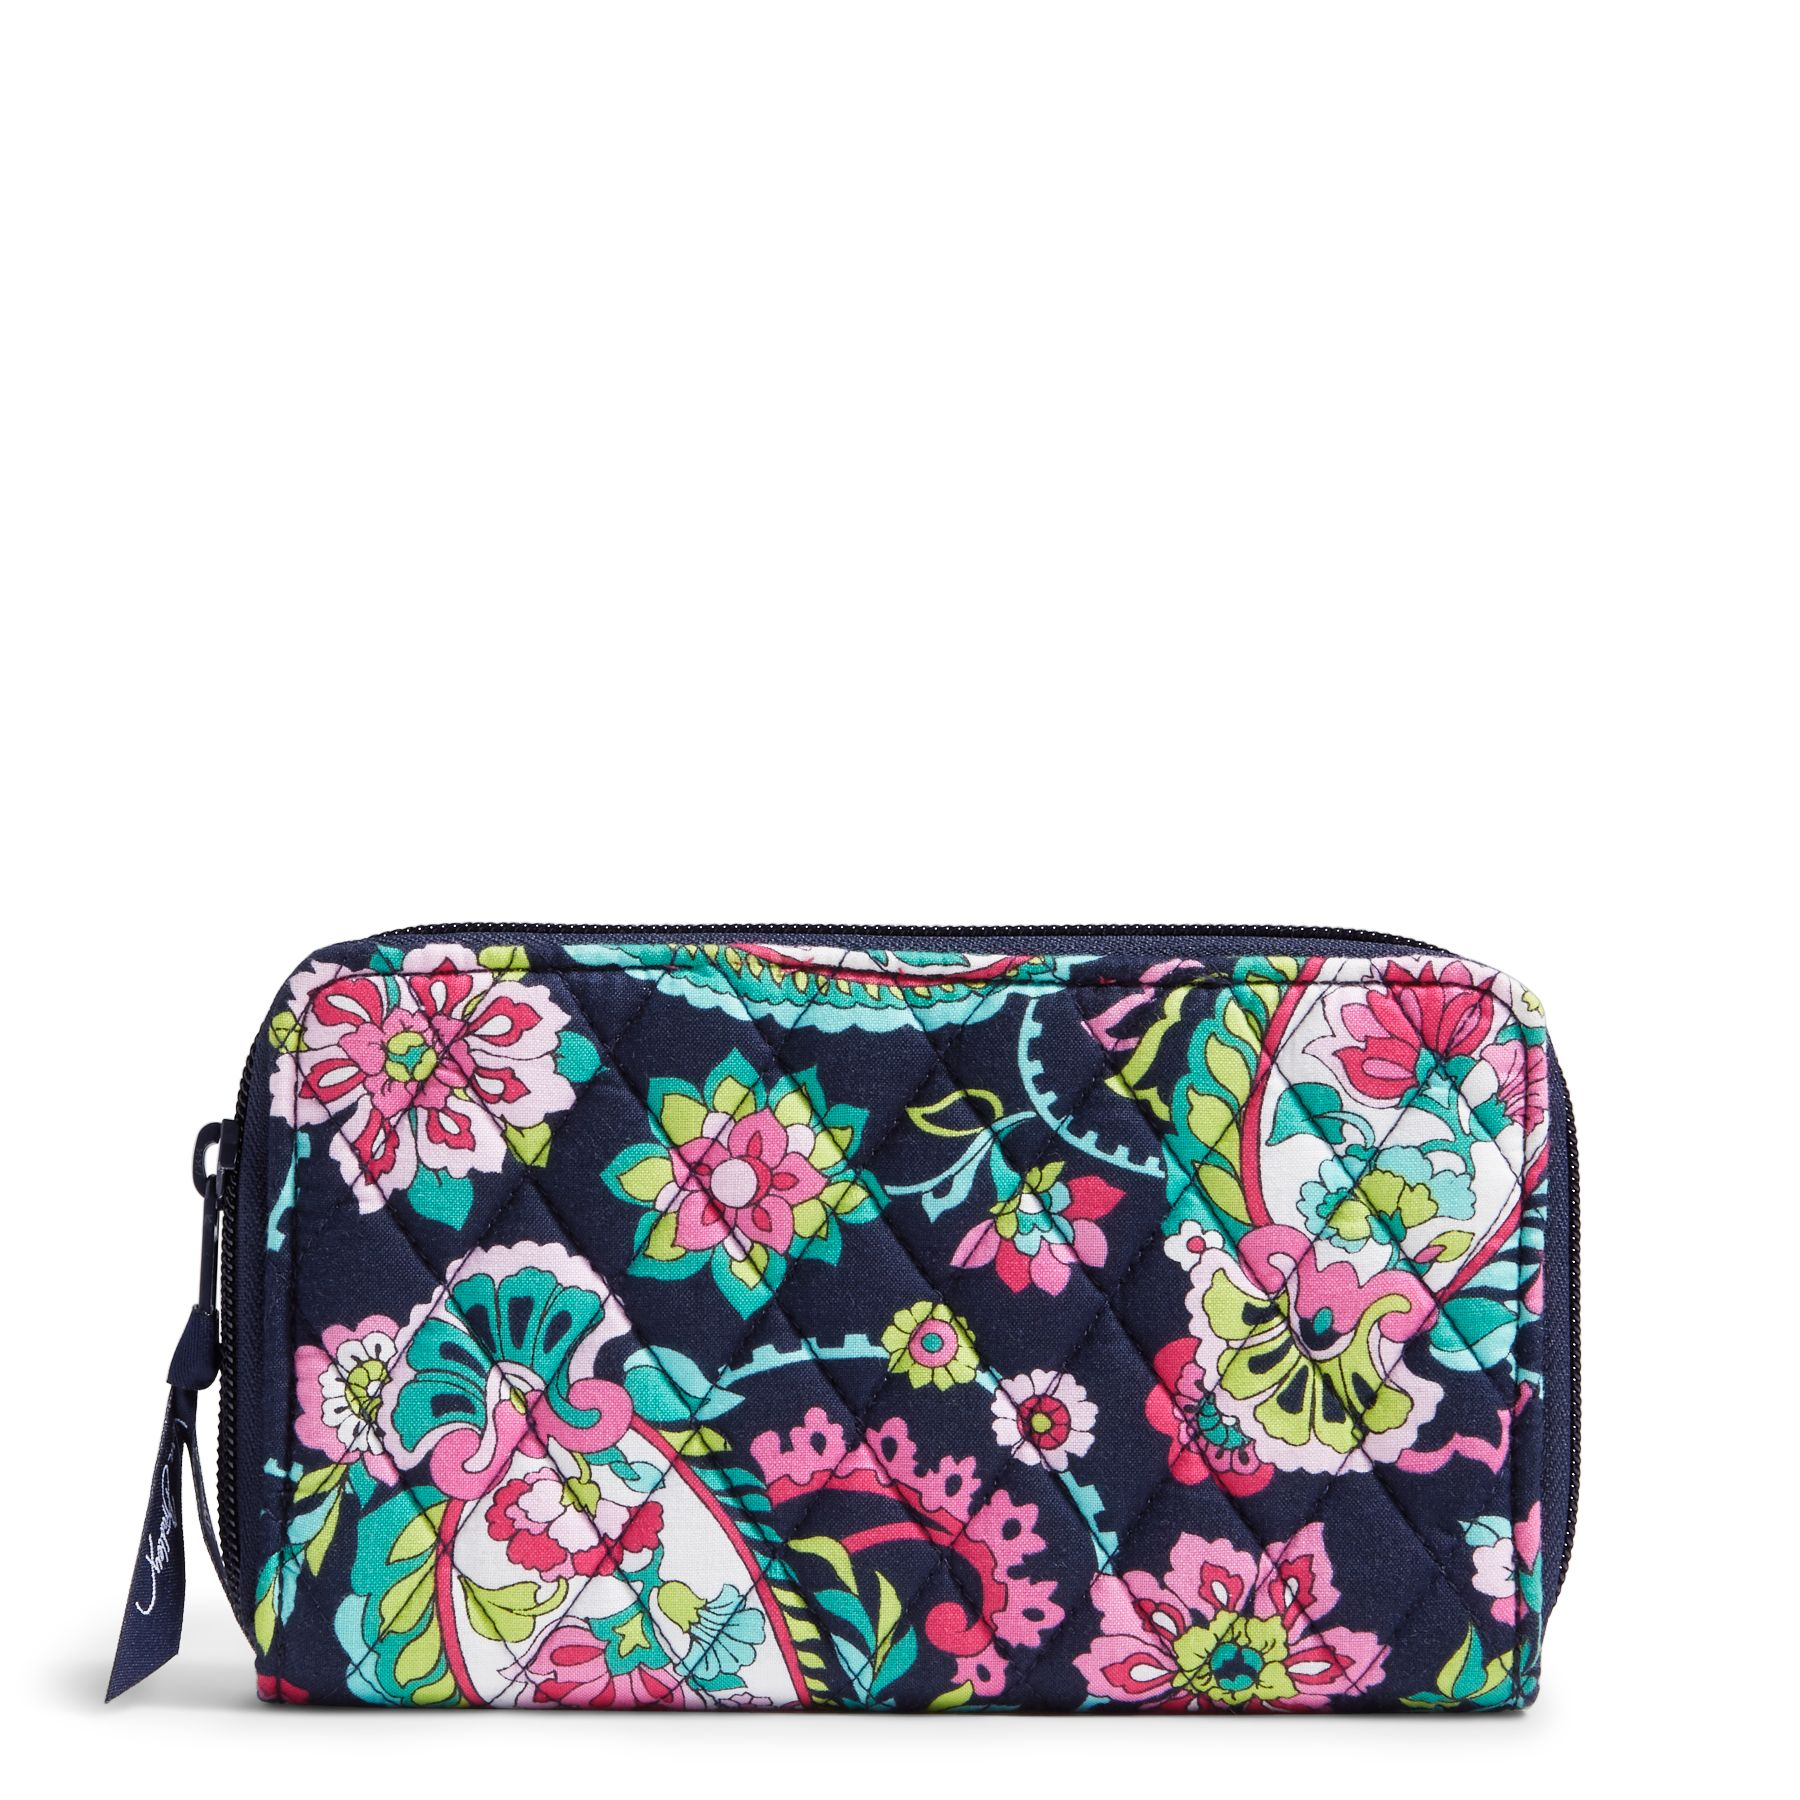 Kate Spade Newbury Lane Bag